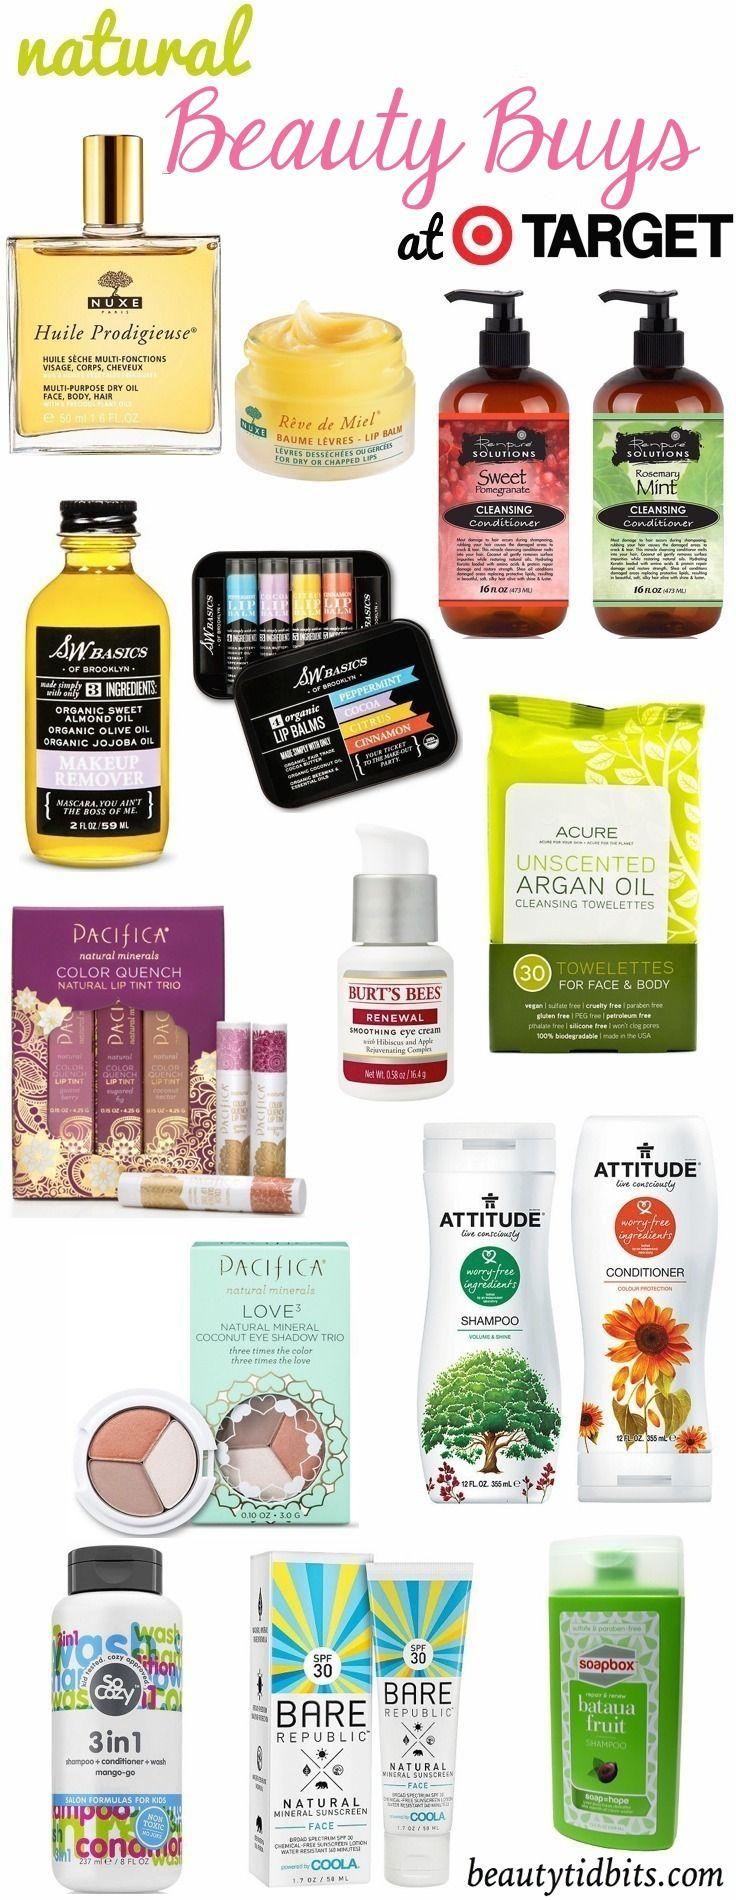 Natural Beauty Buys at Target